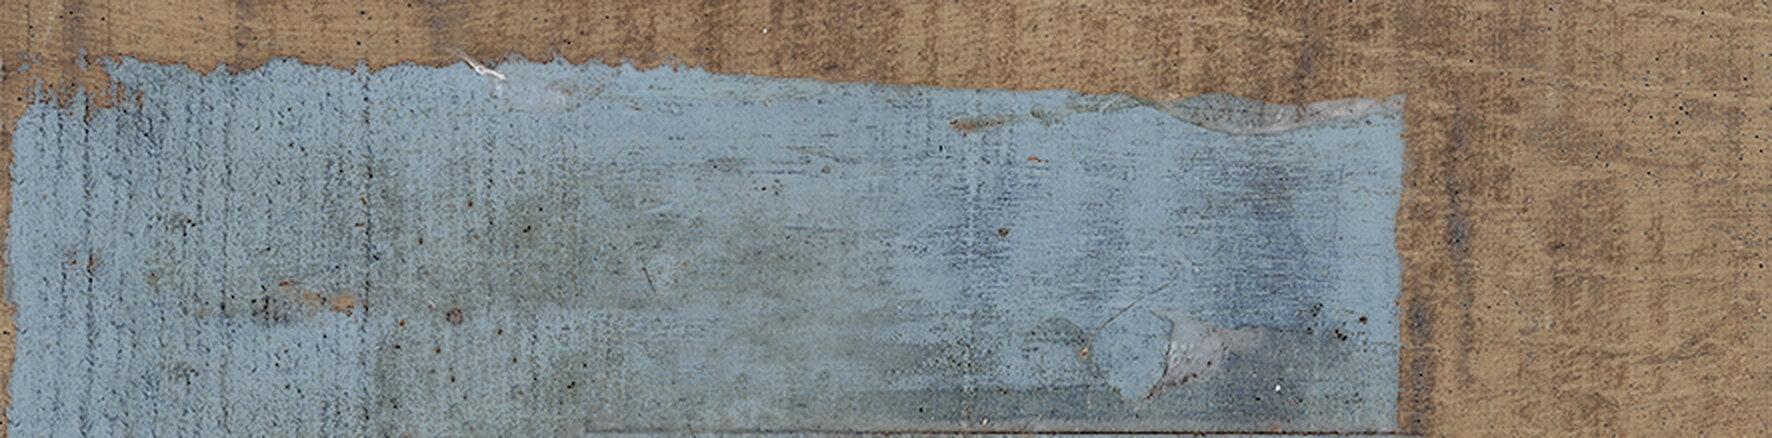 Hiszpańska płytka dekoracyjna, retro - Peronda Harmony Uptown Dekor